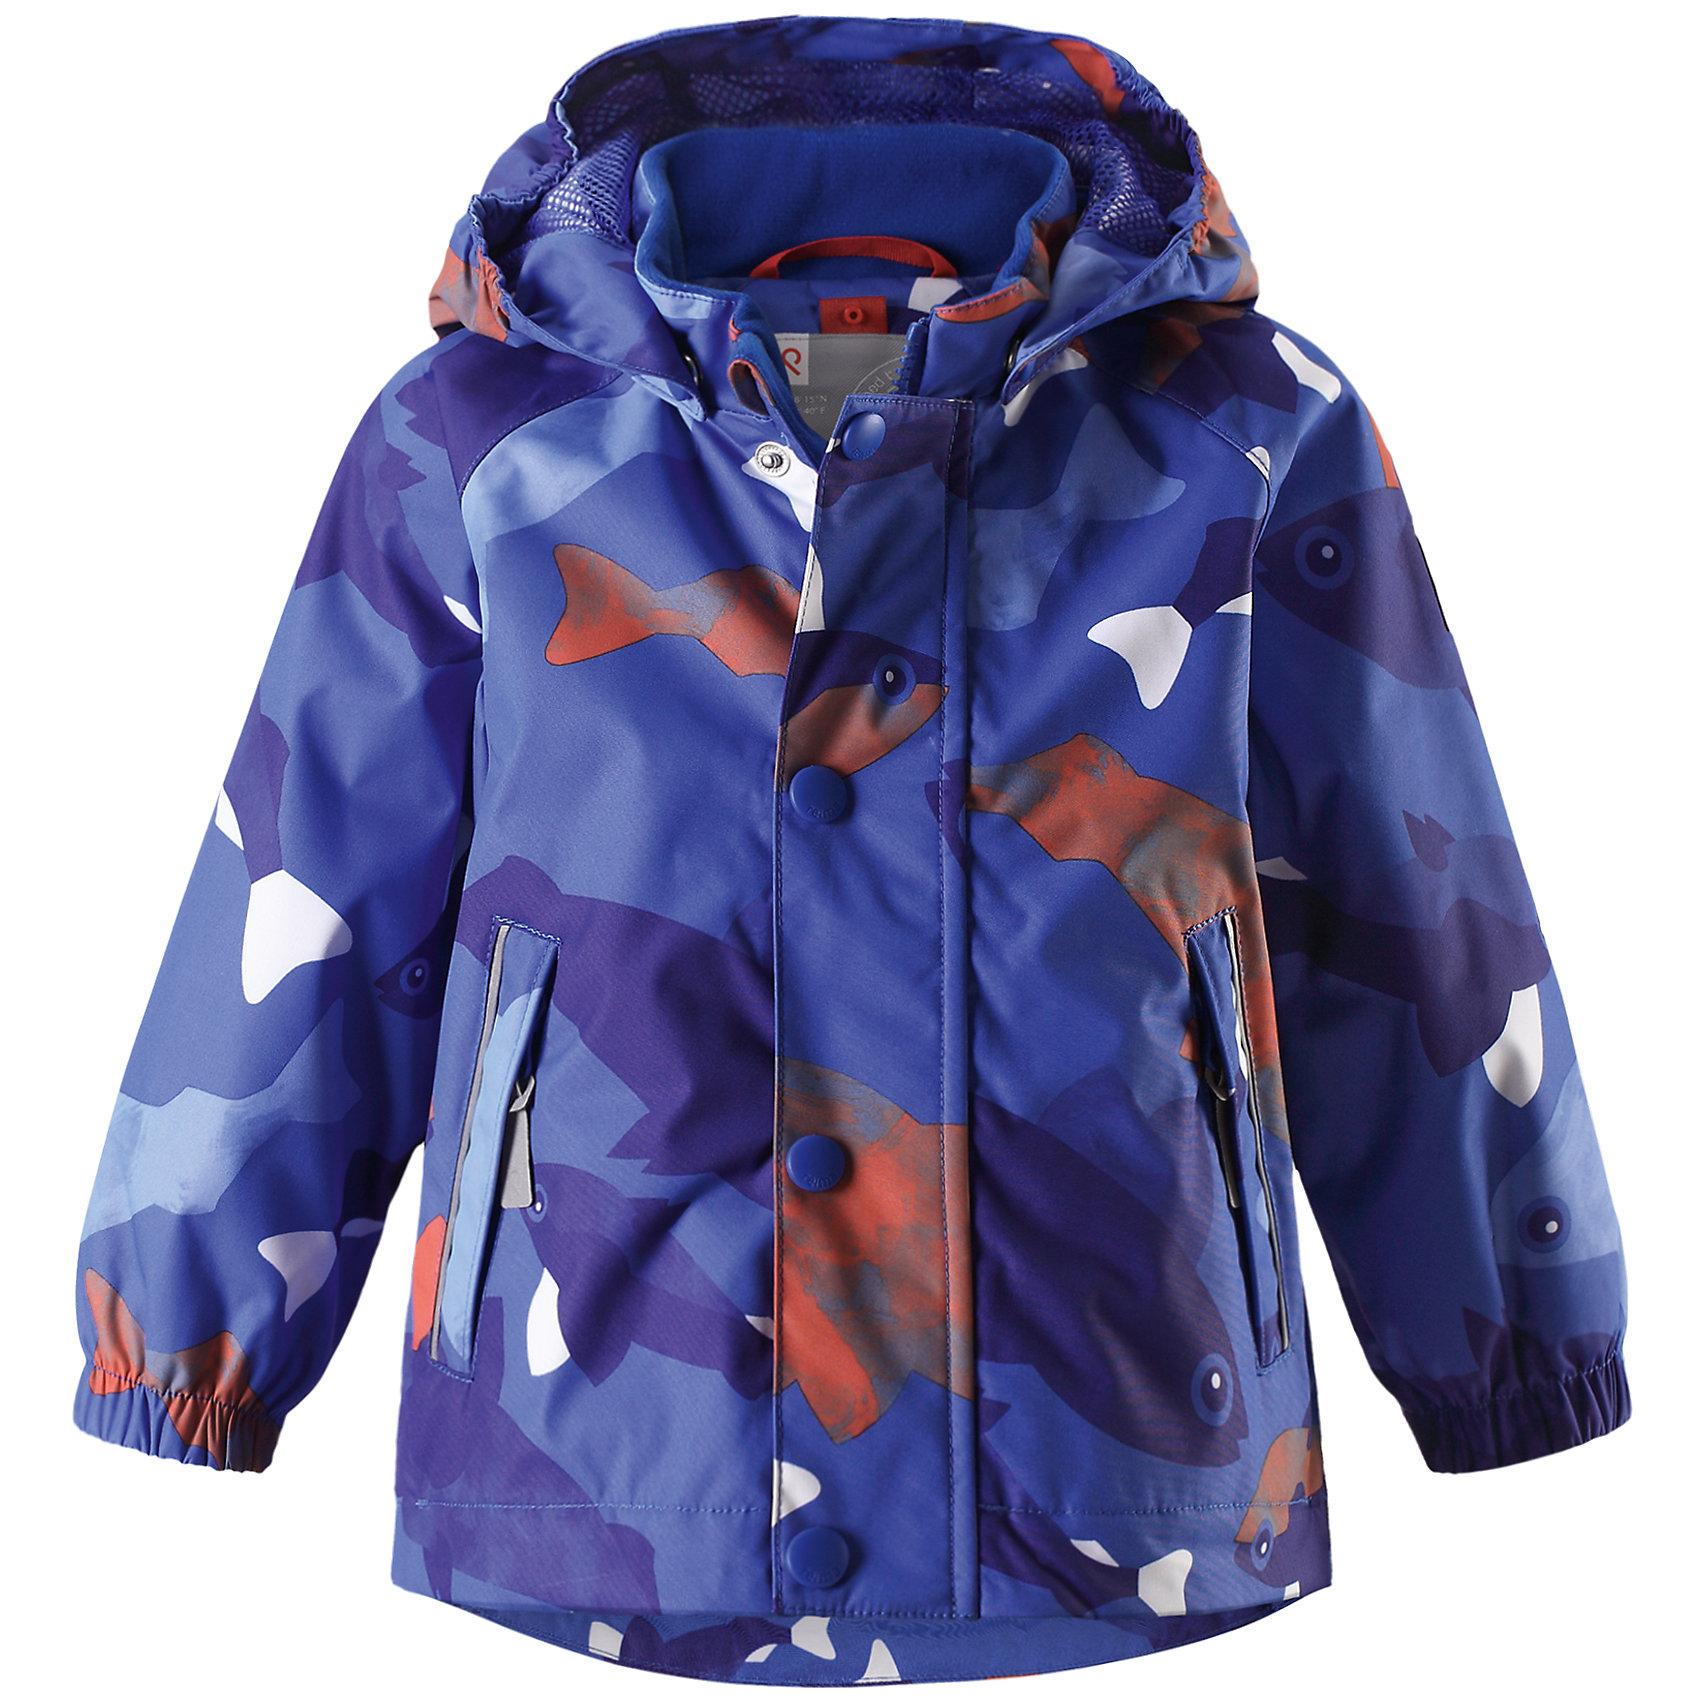 Куртка Nautilus Reimatec® ReimaВерхняя одежда<br>Характеристики товара:<br><br>• цвет: синий<br>• состав: 100% полиэстер, полиуретановое покрытие<br>• температурный режим: от +5° до +15°С<br>• без утеплителя<br>• водонепроницаемость: 10000 мм<br>• воздухопроницаемость: 5000 мм<br>• износостойкость: 40000 циклов (тест Мартиндейла)<br>• все швы проклеены, водонепроницаемы<br>• водо- и ветронепроницаемый, дышащий, грязеотталкивающий материал<br>• гладкая подкладка из полиэстера по всему изделию, mesh сетка на капюшоне<br>• безопасный съёмный и регулируемый капюшон<br>• эластичные манжеты<br>• регулируемый подол<br>• два кармана на молнии<br>• светоотражающие детали<br>• комфортная посадка<br>• страна производства: Китай<br>• страна бренда: Финляндия<br>• коллекция: весна-лето 2017<br><br>В межсезонье верхняя одежда для детей может быть модной и комфортной одновременно! Демисезонная куртка поможет обеспечить ребенку комфорт и тепло. Она отлично смотрится с различной одеждой и обувью. Изделие удобно сидит и модно выглядит. Материал - прочный, хорошо подходящий для межсезонья, водо- и ветронепроницаемый, «дышащий». Стильный дизайн разрабатывался специально для детей.<br><br>Одежда и обувь от финского бренда Reima пользуется популярностью во многих странах. Эти изделия стильные, качественные и удобные. Для производства продукции используются только безопасные, проверенные материалы и фурнитура. Порадуйте ребенка модными и красивыми вещами от Reima! <br><br>Куртку Reimatec® от финского бренда Reima (Рейма) можно купить в нашем интернет-магазине.<br><br>Ширина мм: 356<br>Глубина мм: 10<br>Высота мм: 245<br>Вес г: 519<br>Цвет: синий<br>Возраст от месяцев: 18<br>Возраст до месяцев: 24<br>Пол: Мужской<br>Возраст: Детский<br>Размер: 92,86,80,74,98<br>SKU: 5265814